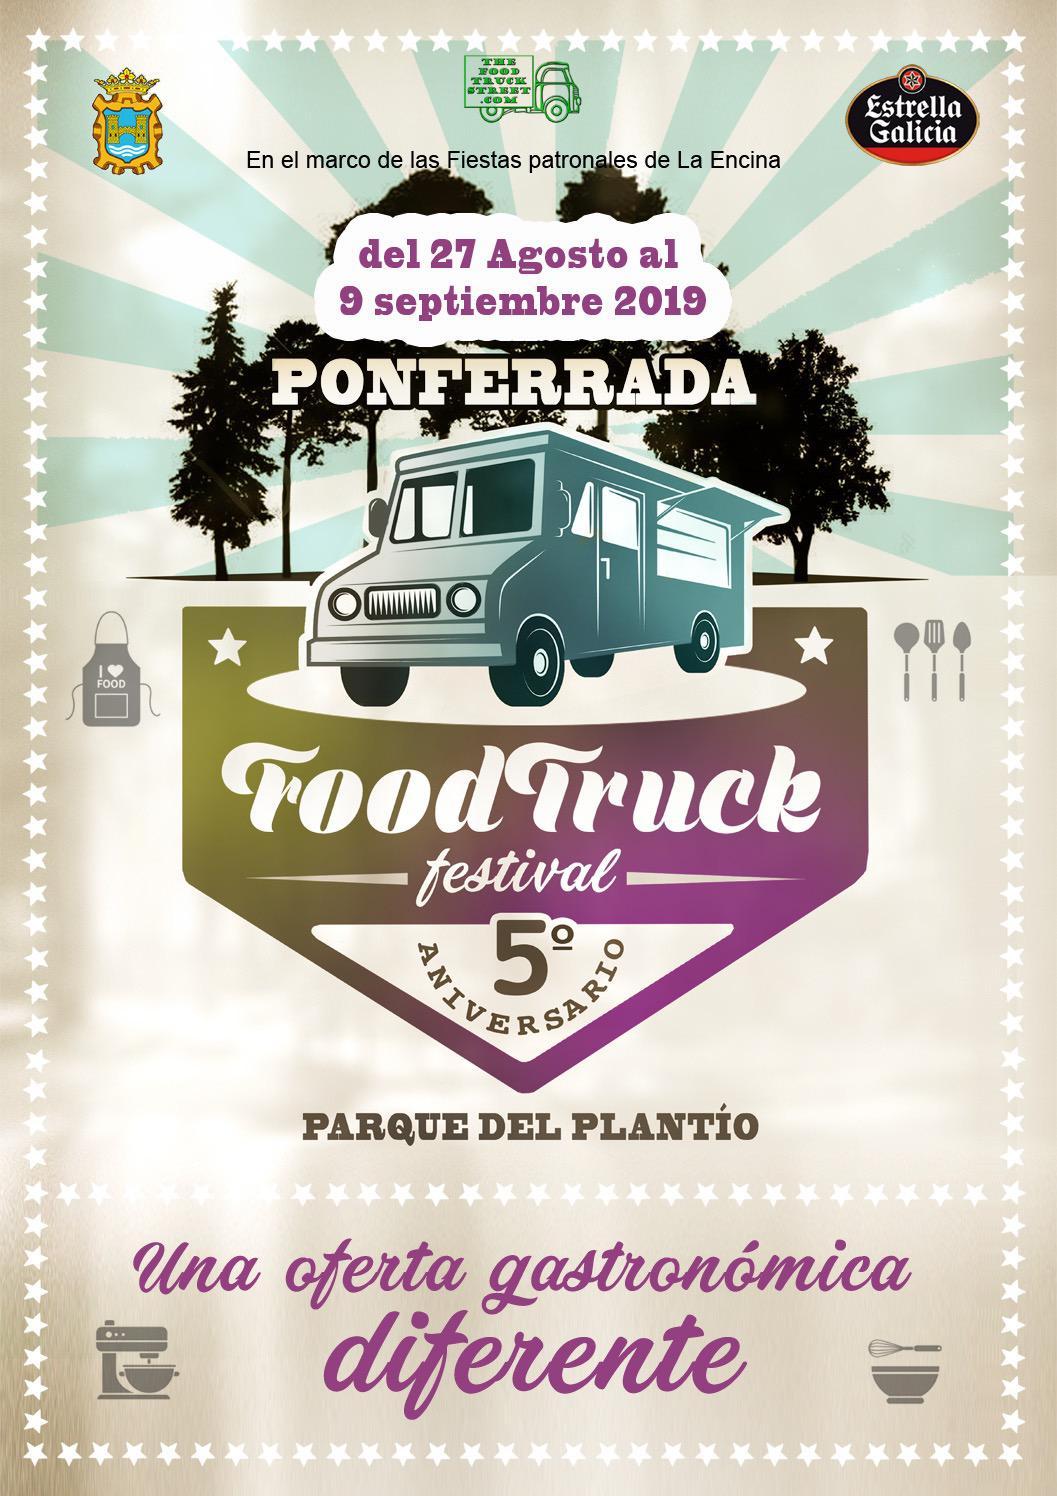 El Festival de Food Trucks Encina 2019 durará dos semanas 2